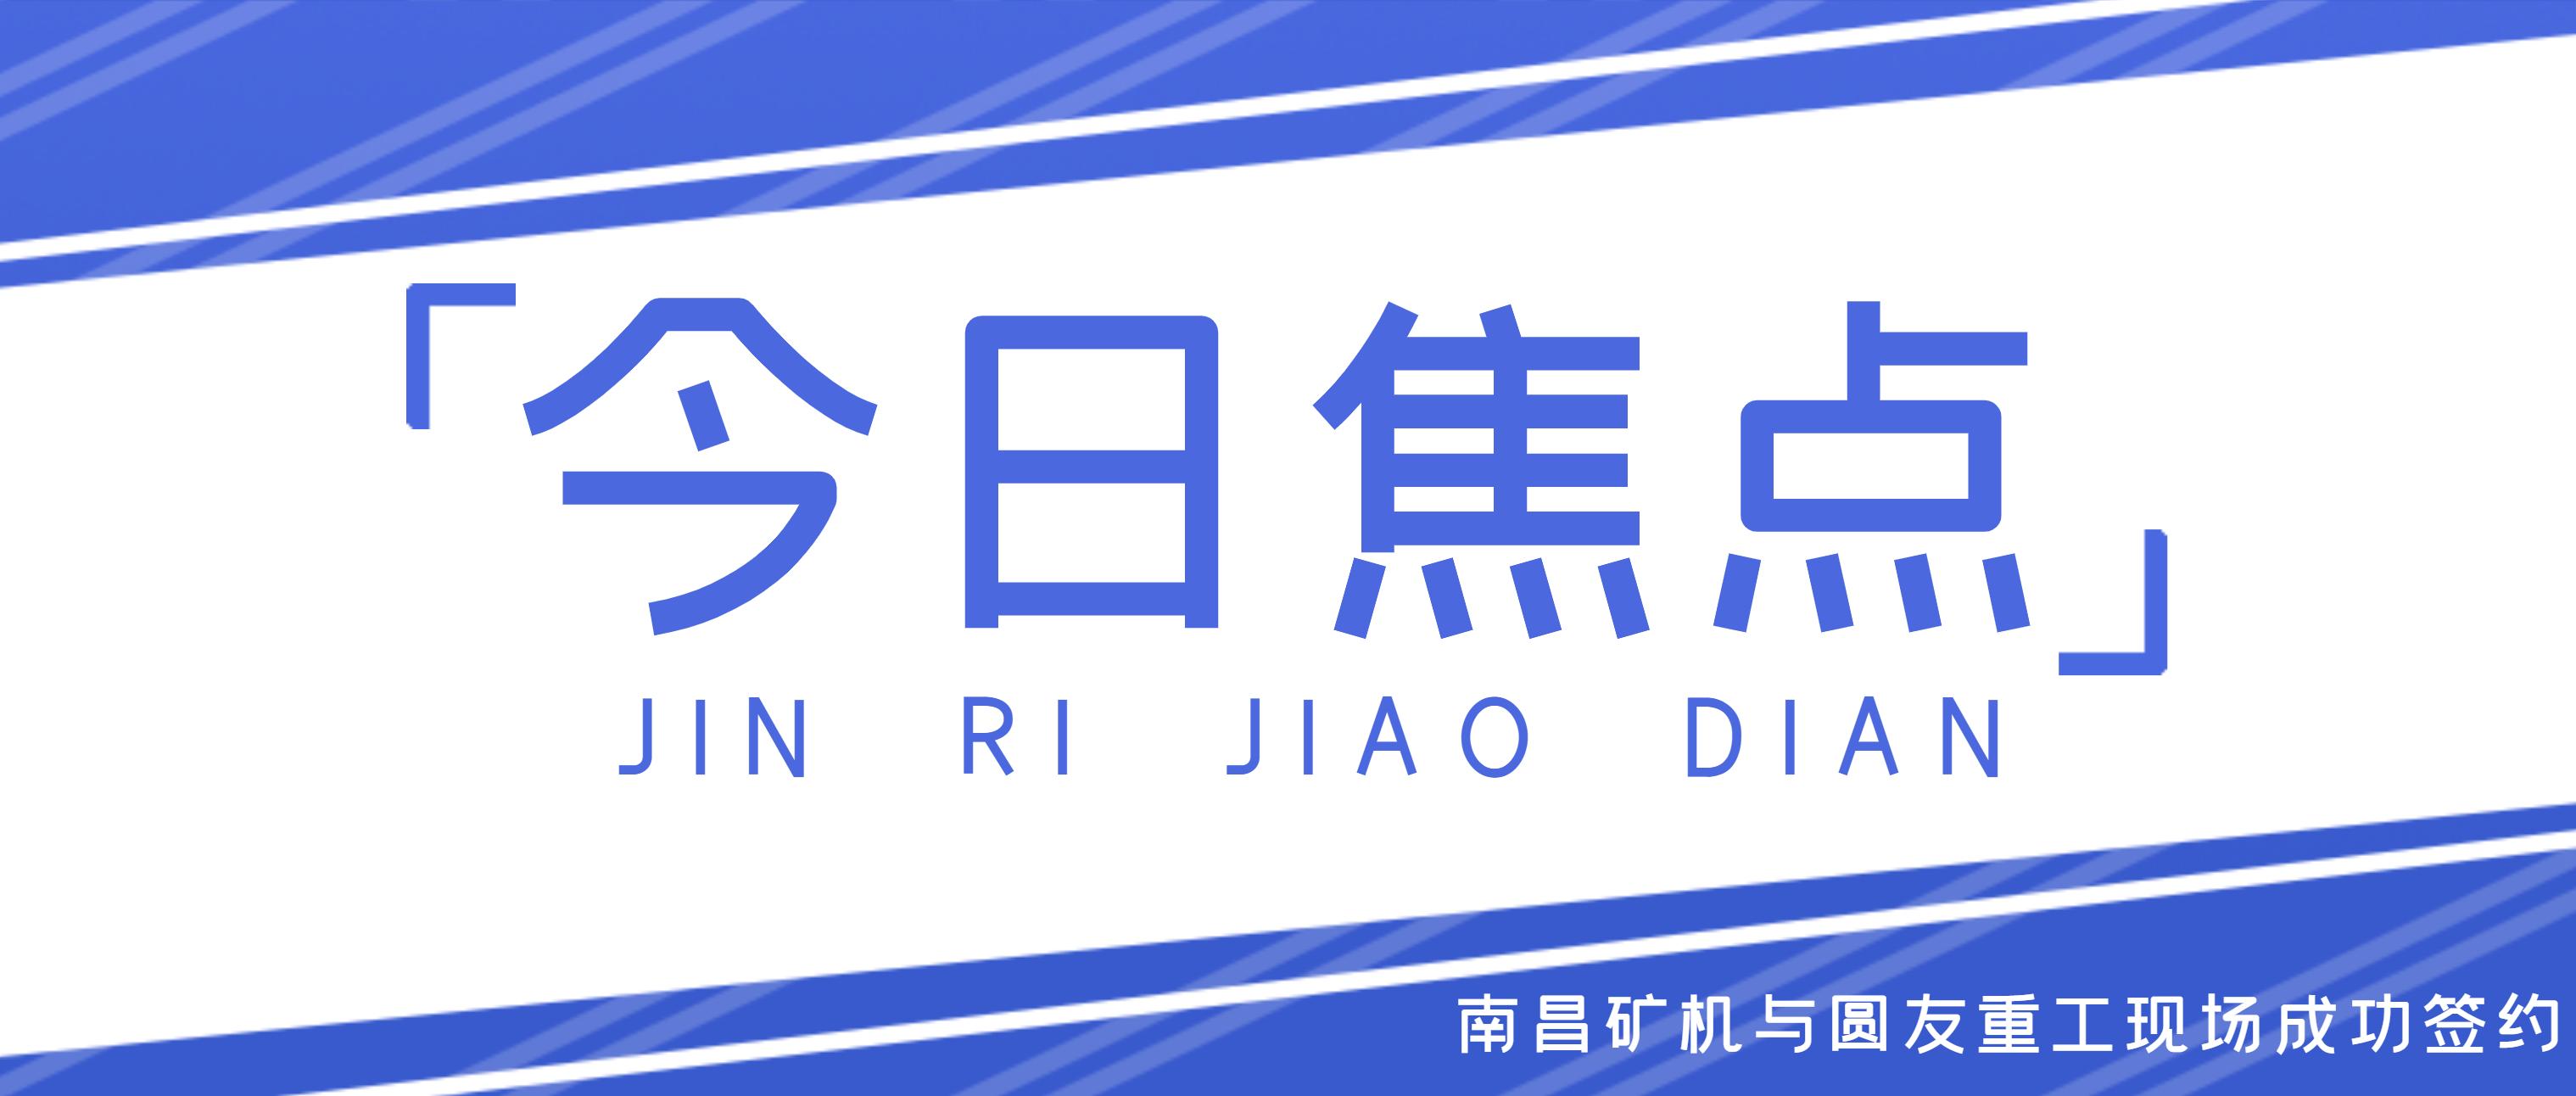 南昌矿机亮相2021中国(郑州)国际砂石展 两大参展设备现场签约交易